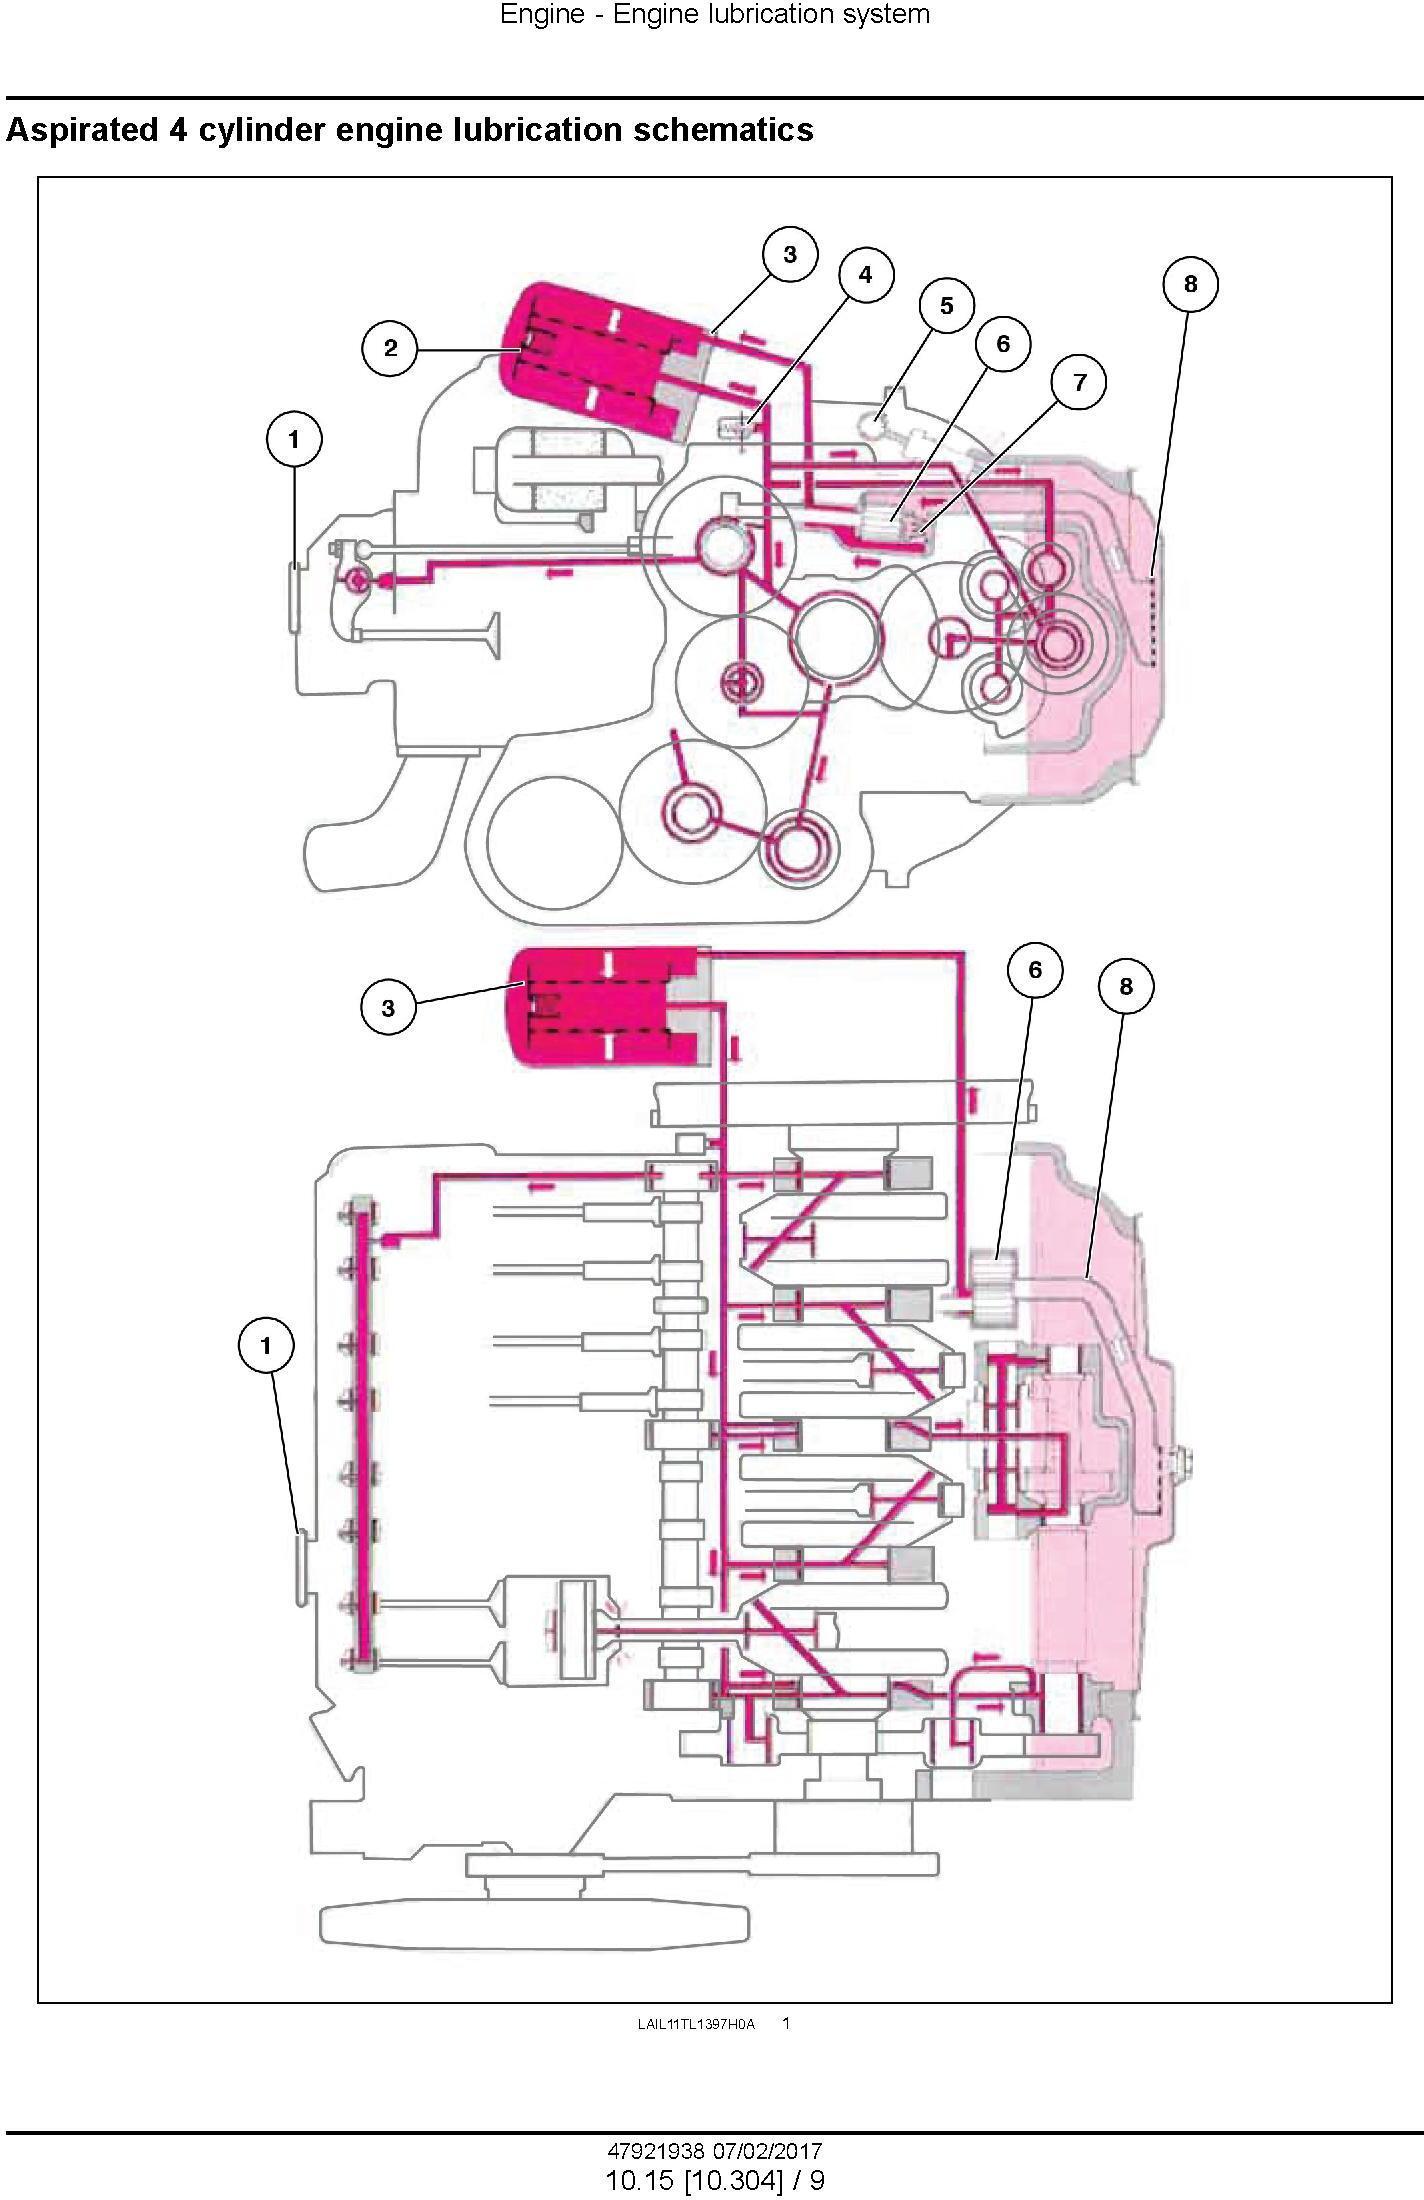 New Holland TT3840, TT3840F, TT4030, TT3880F Tractor Service Manual (Latin America) - 2